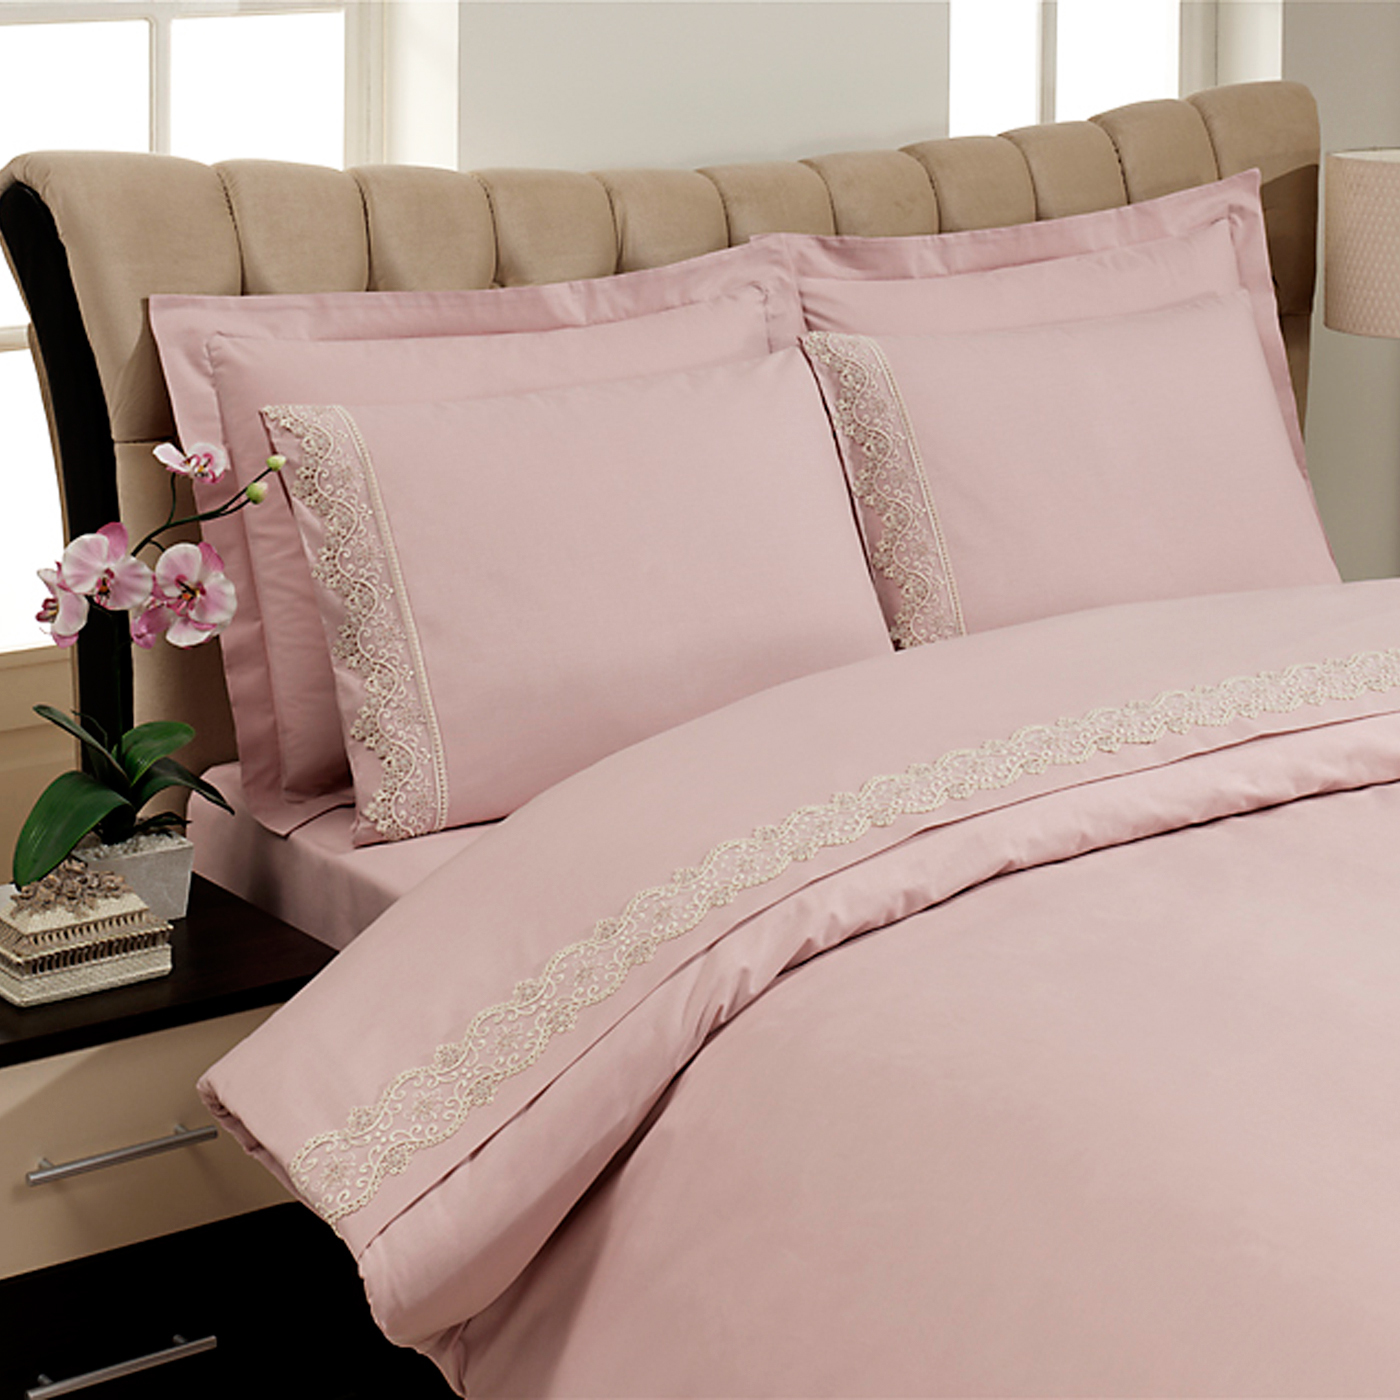 Купить Комплект постельного белья Crown Pink Euro, inmyroom, Турция